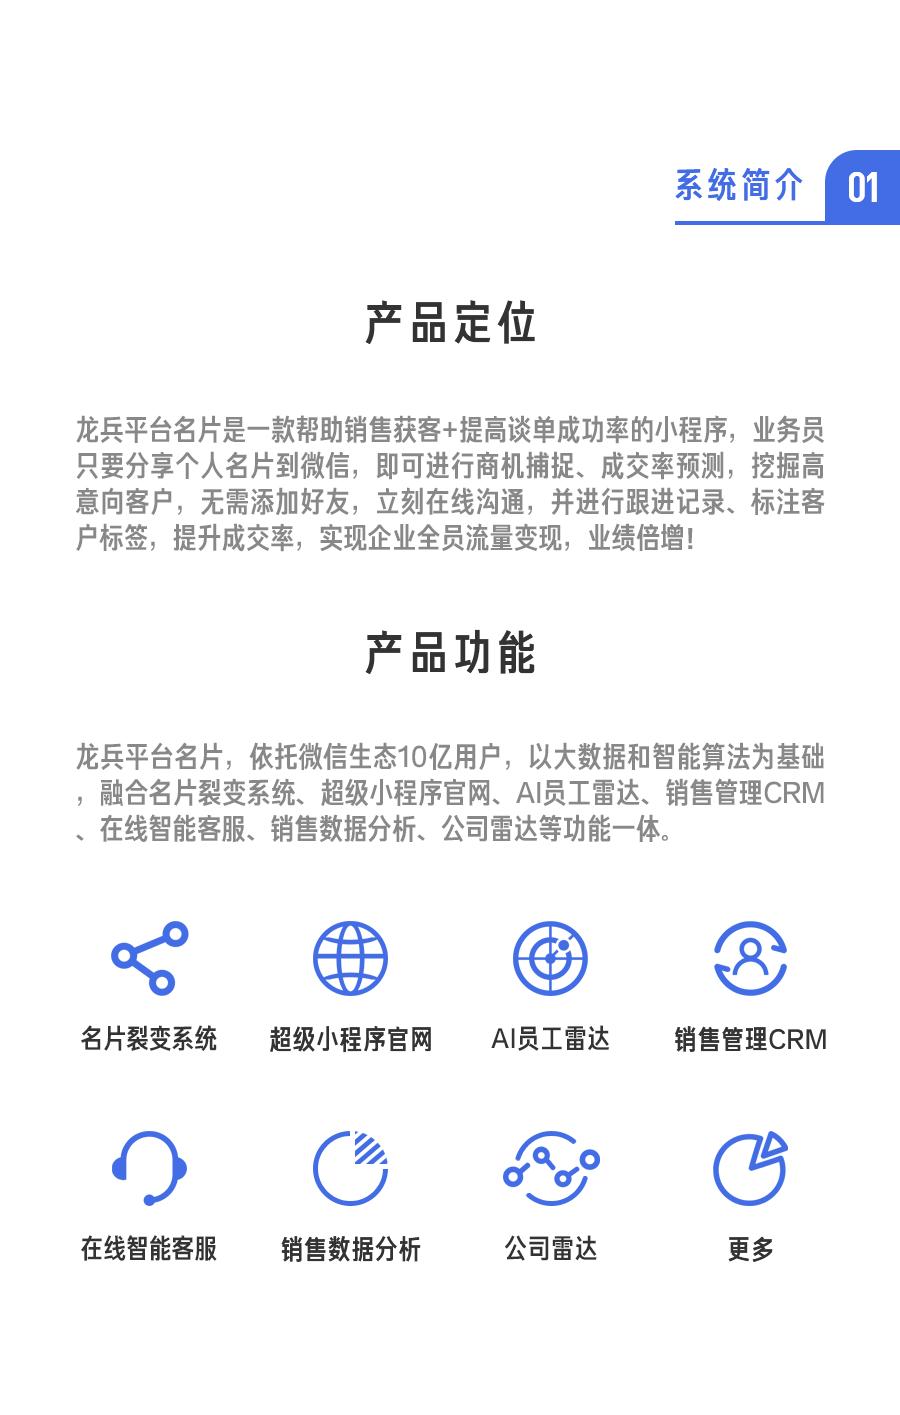 龙兵智能名片平台版_02.png